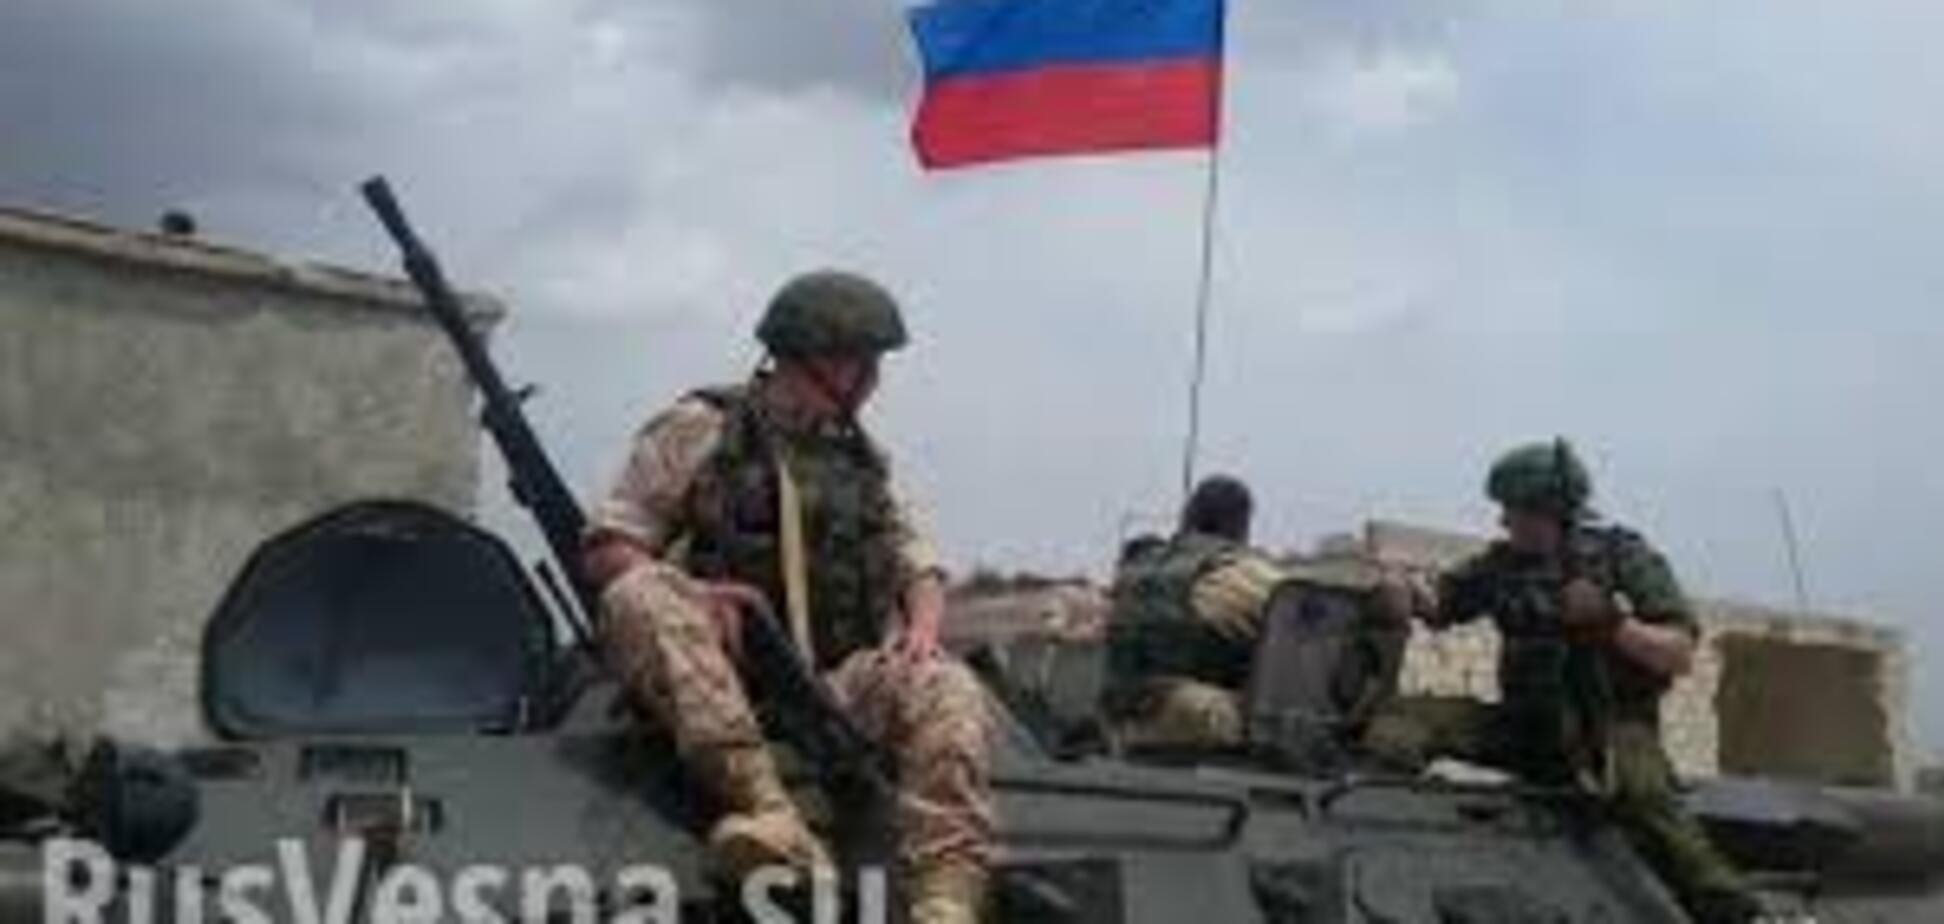 Летальна зброя для України: стало відомо про реакцію військ РФ на Донбасі